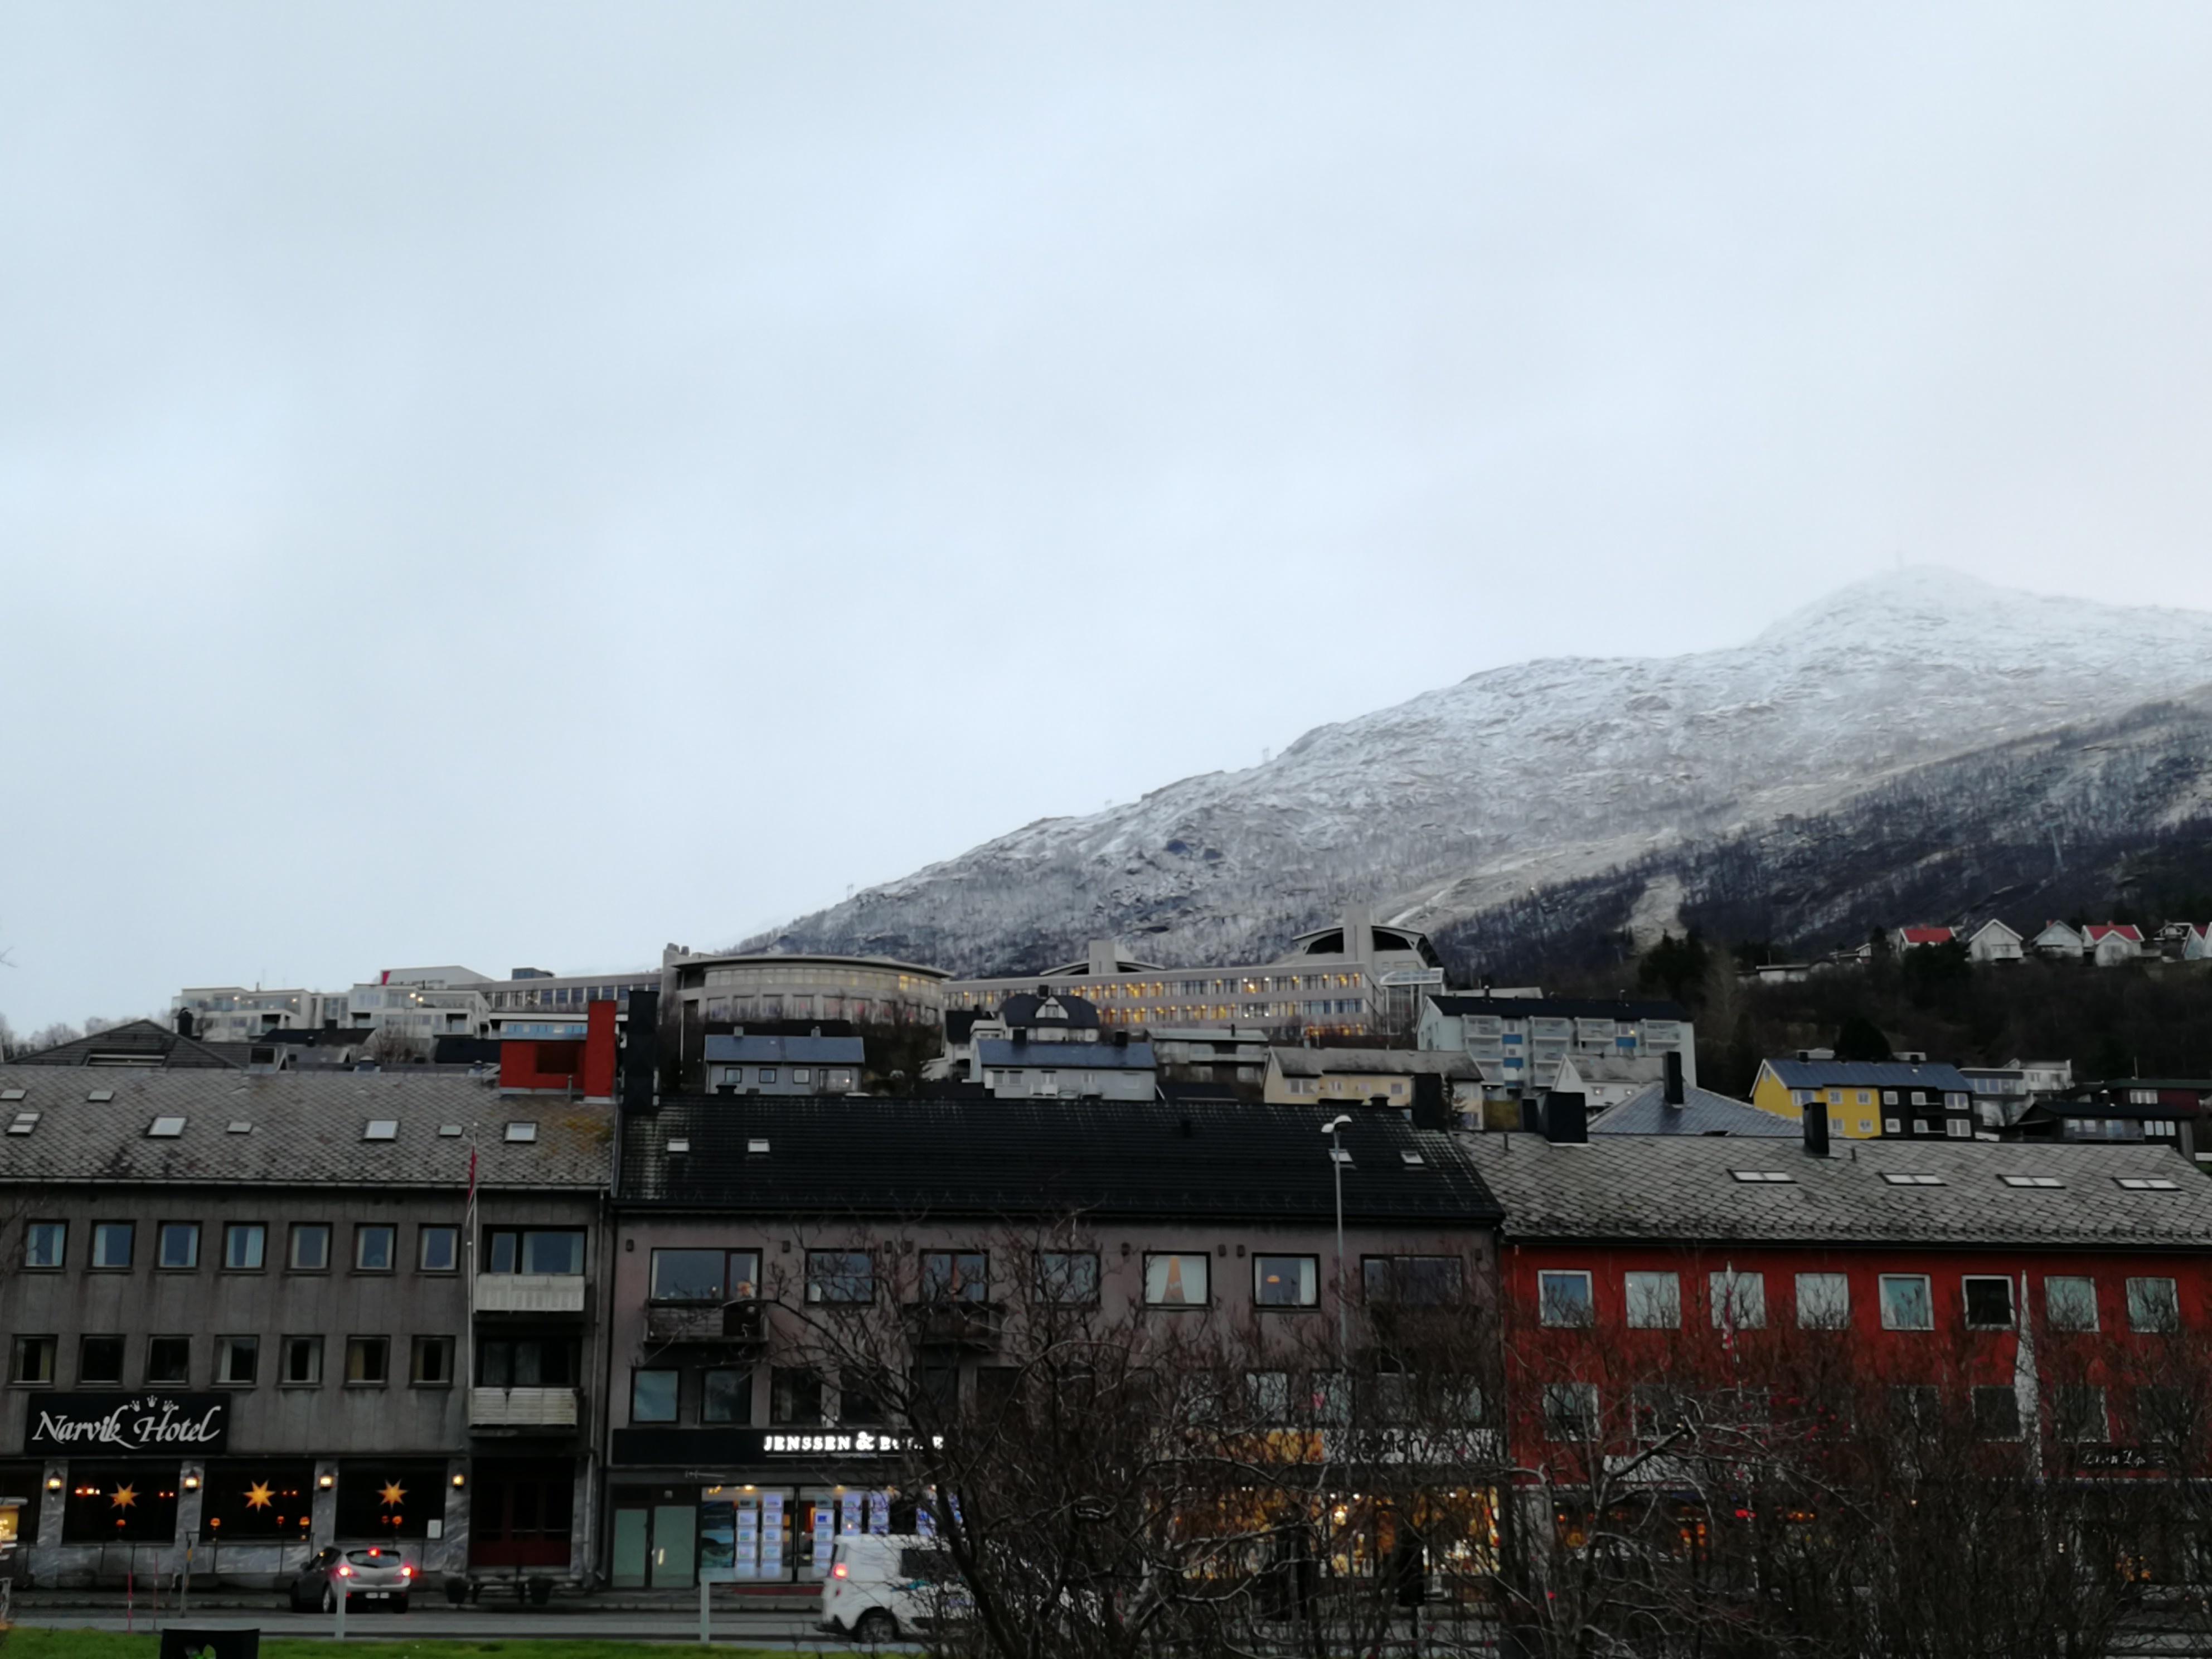 Storslått natur i Narvik, med alpinanlegg midt i byen.